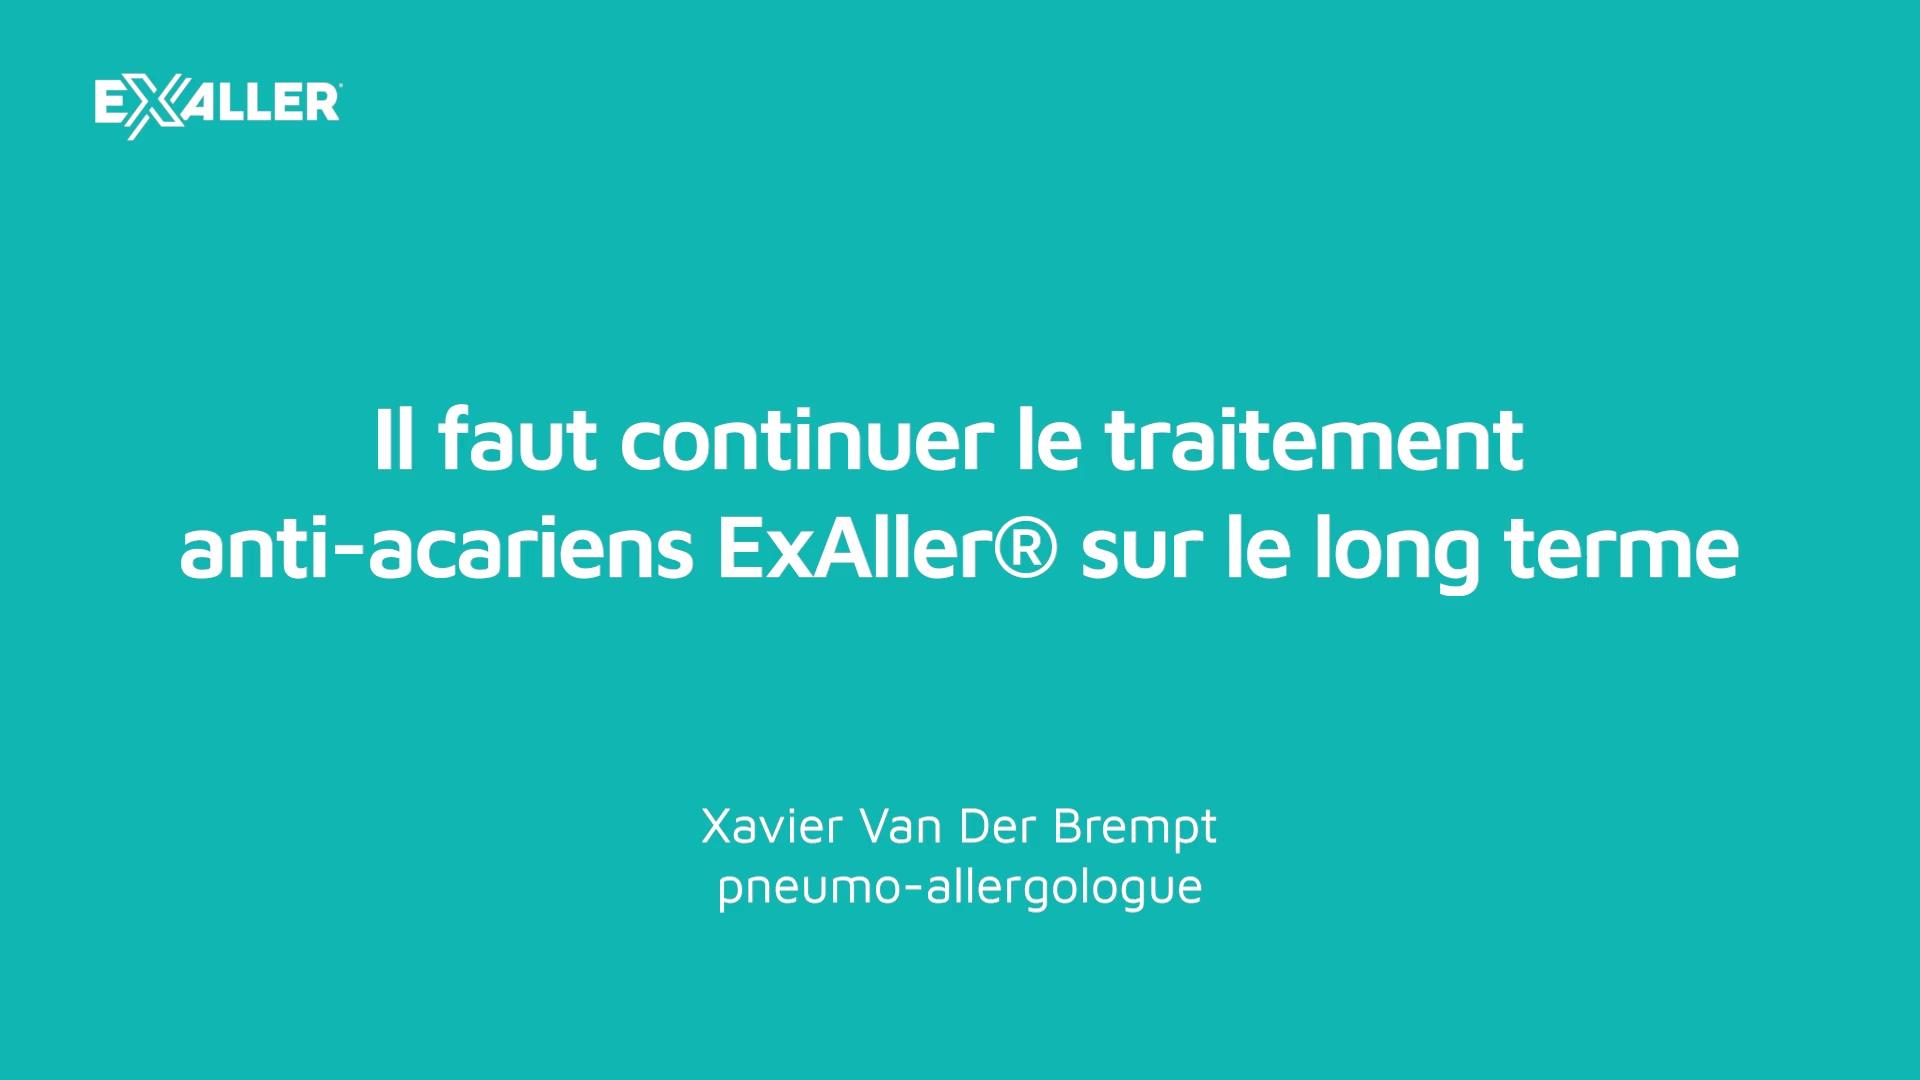 X16 Il faut continuer le traitement anti-acariens ExAller sur le long terme